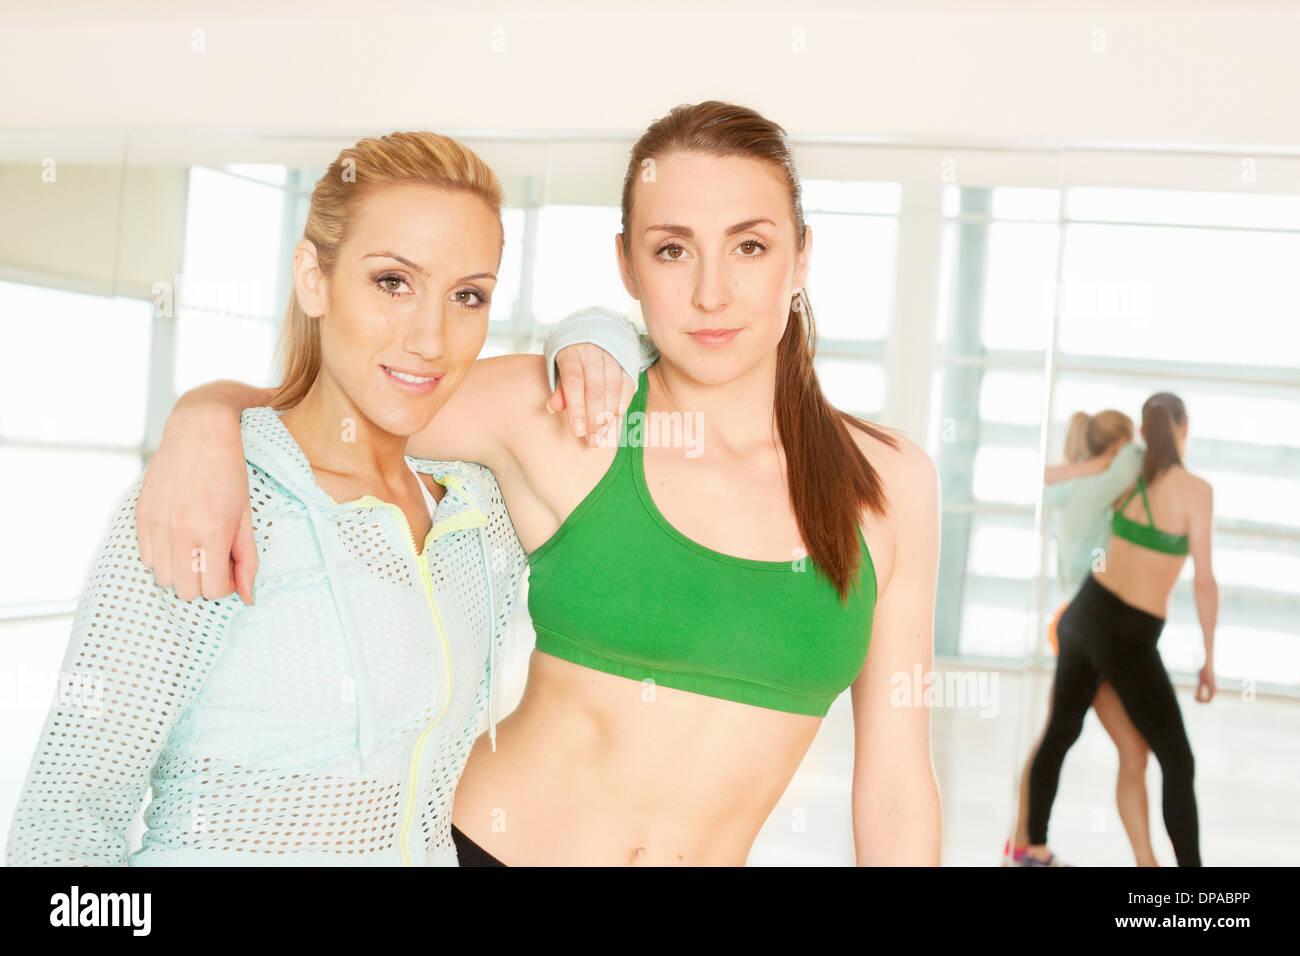 Mujeres de pie en el gimnasio con brazo alrededor Imagen De Stock